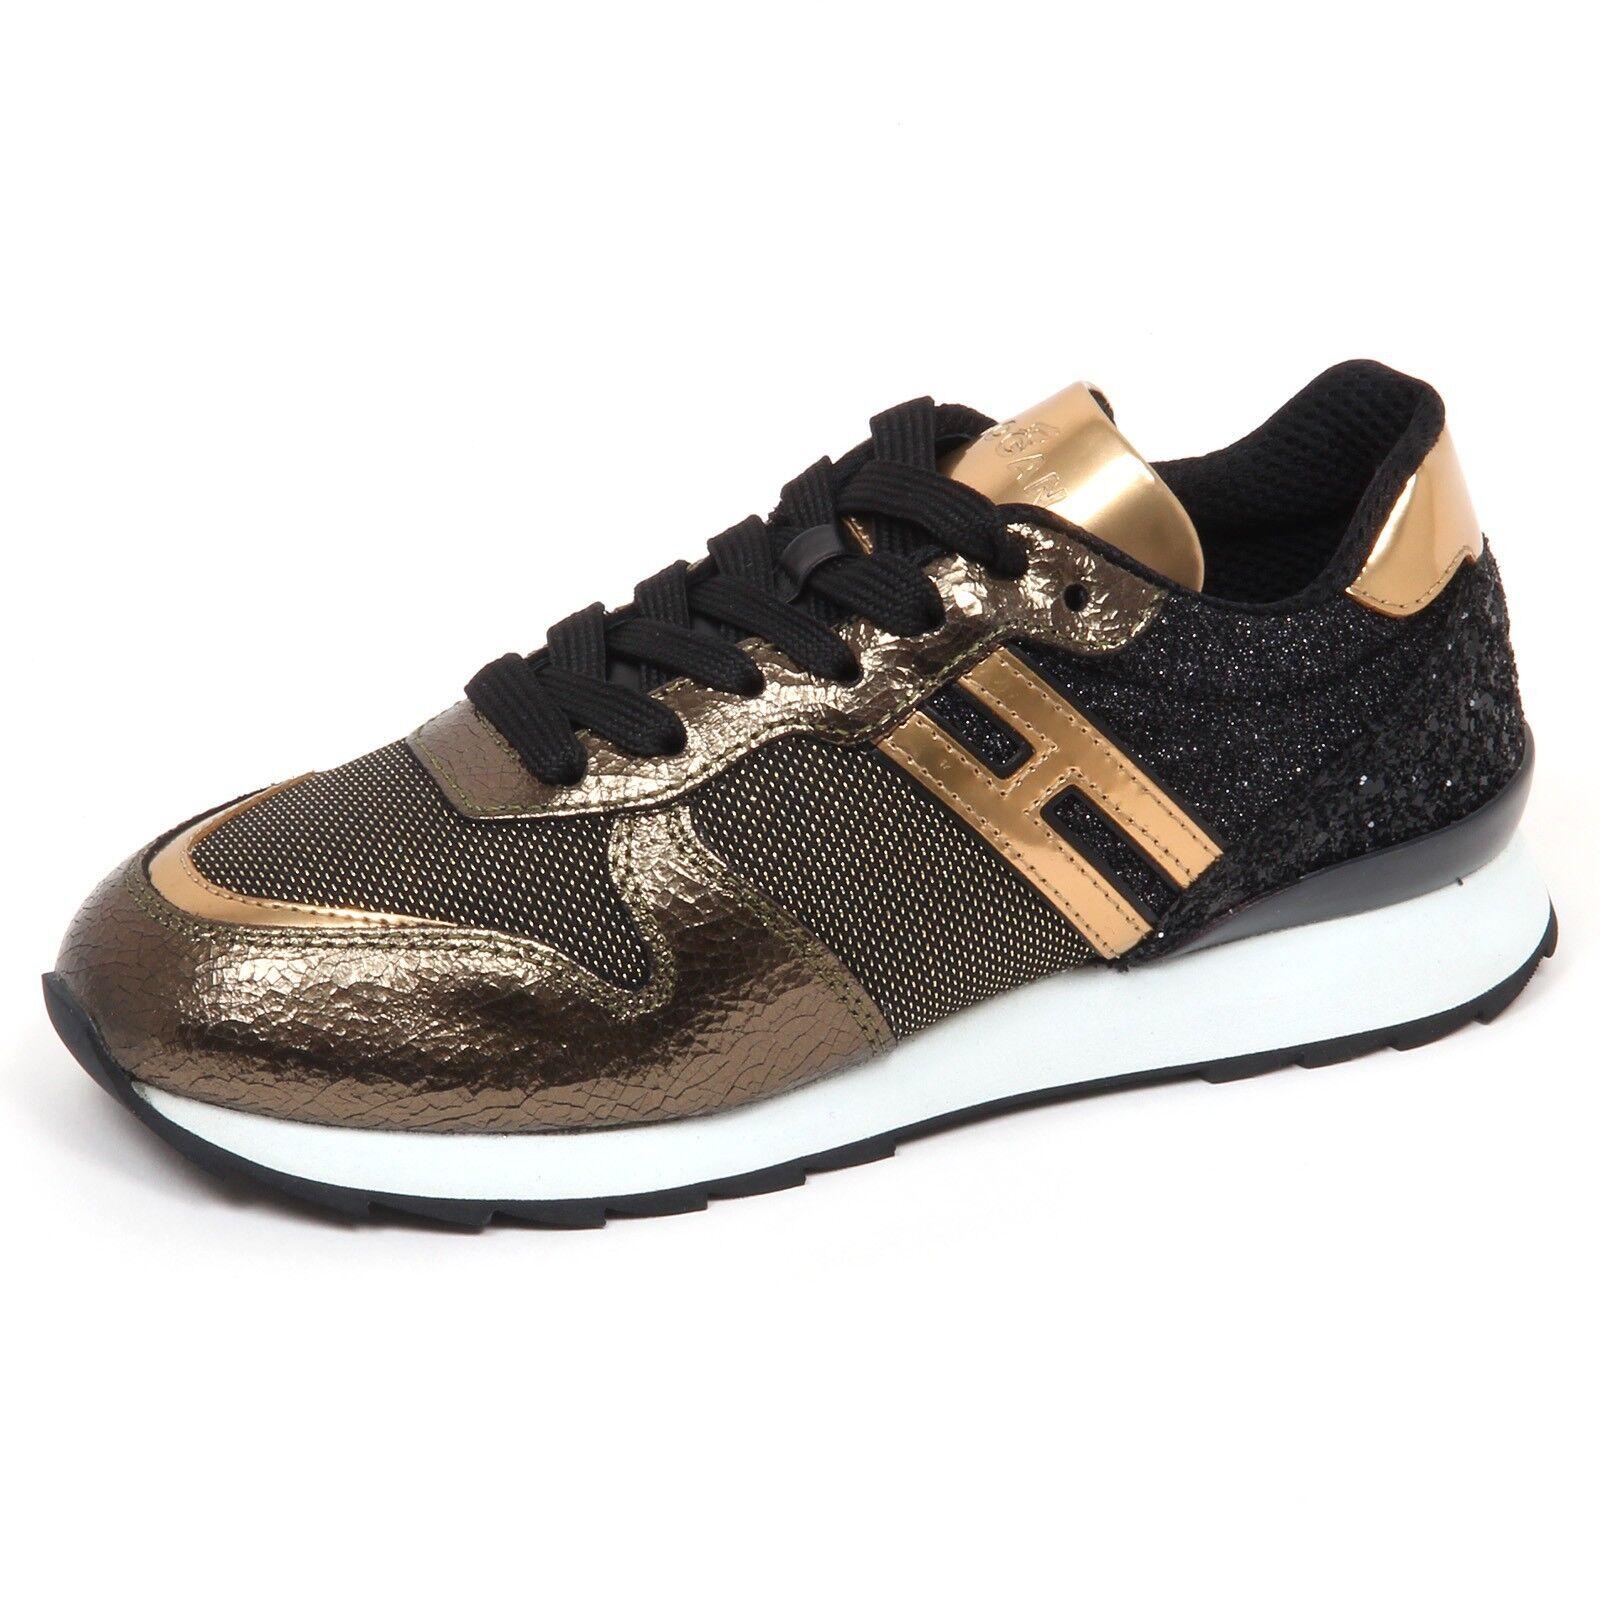 Casual salvaje Barato y cómodo E4830 sneaker donna nero/oro HOGAN R261 scarpe glitter shoe woman